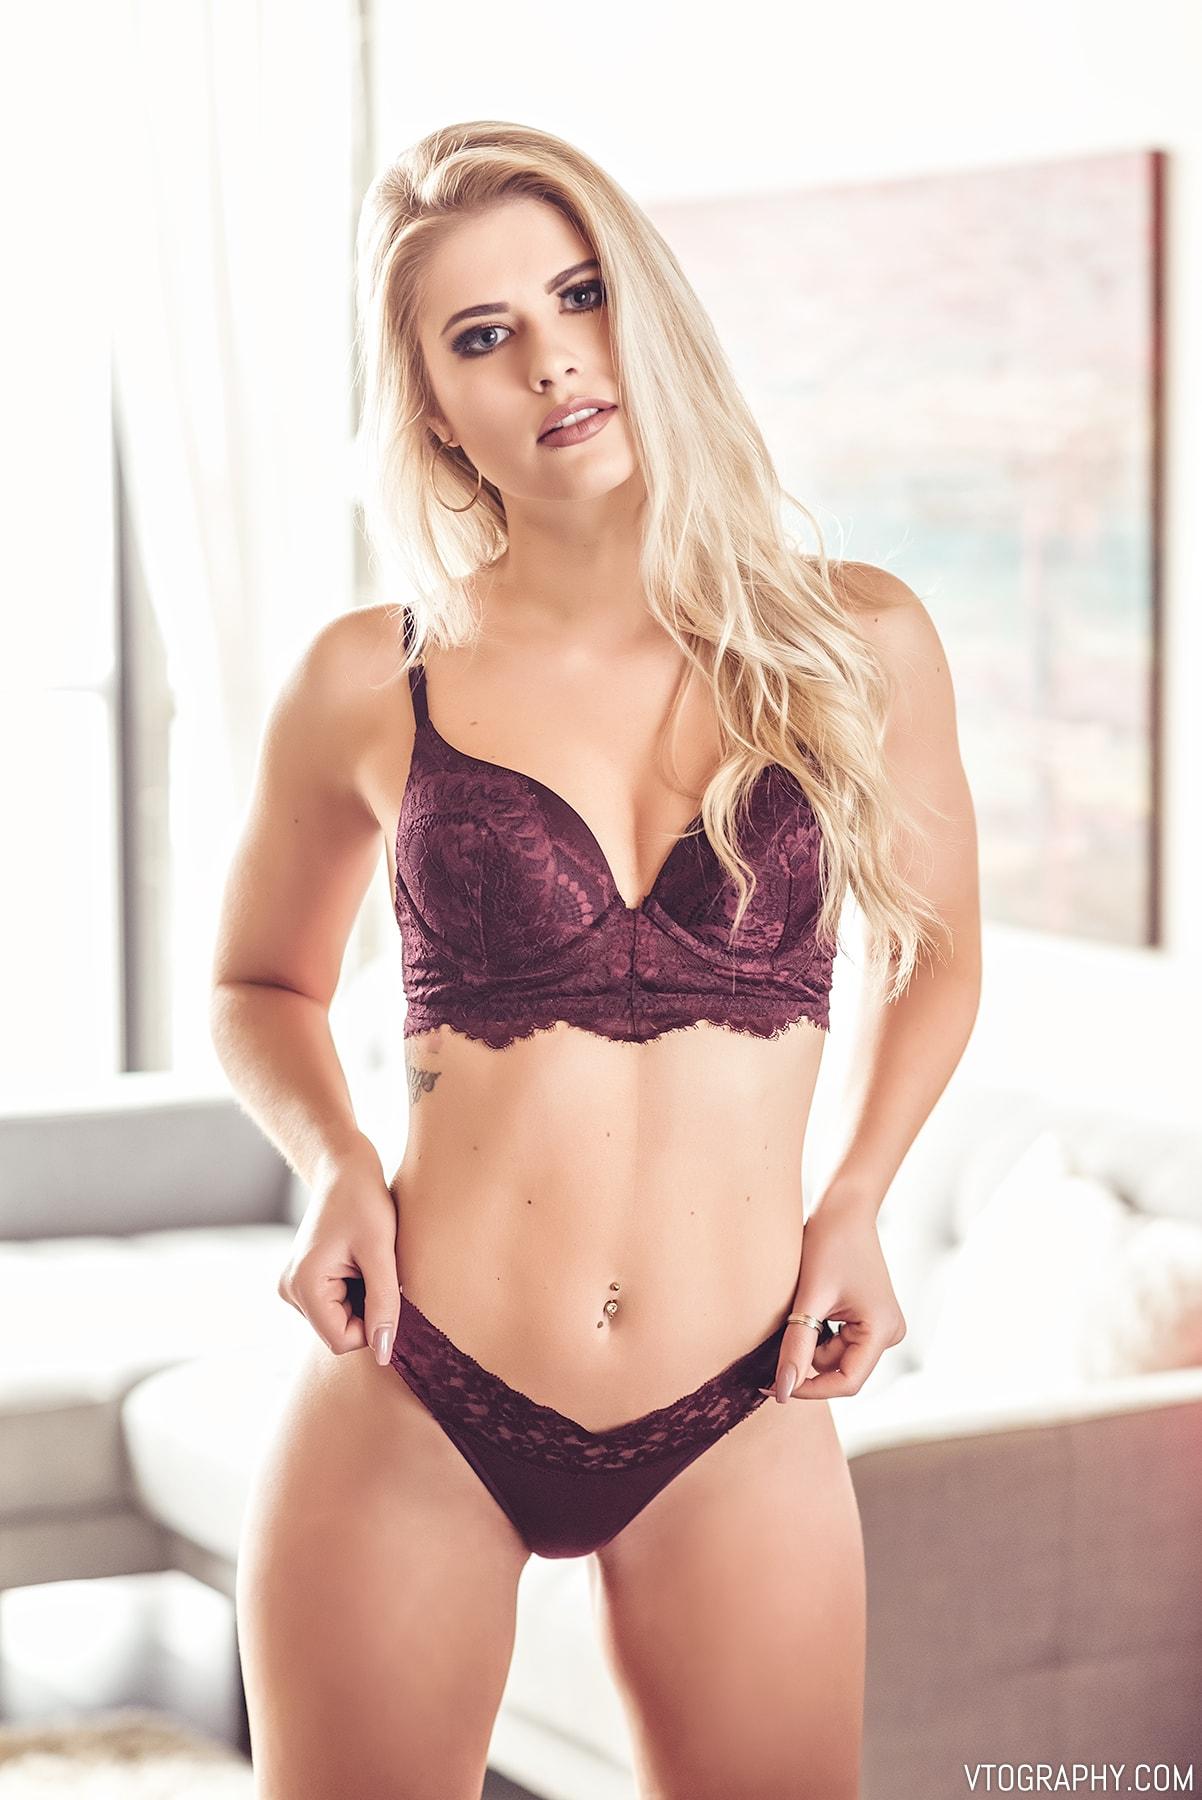 Sami in burgundy lingerie from La Senza